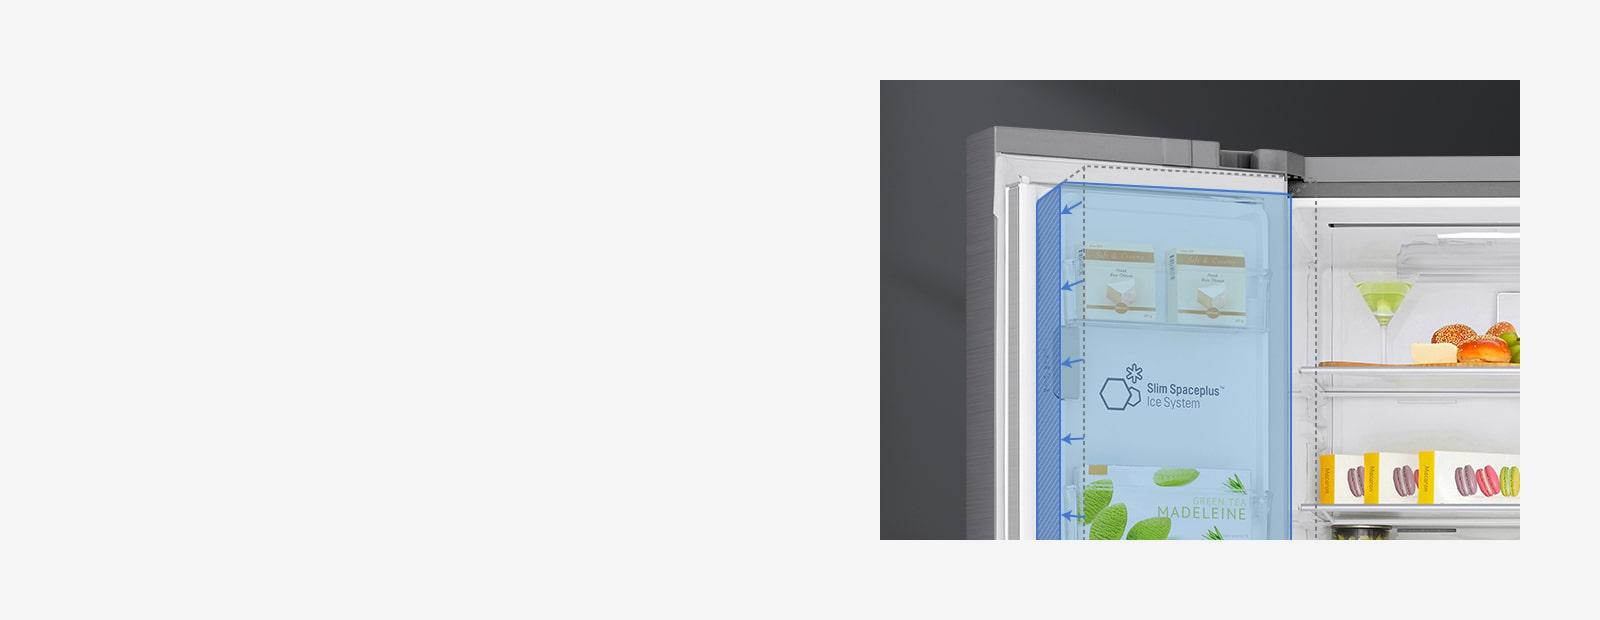 Ενσωματωμένος Παγοποιός στην πόρτα για έξτρα χώρο1